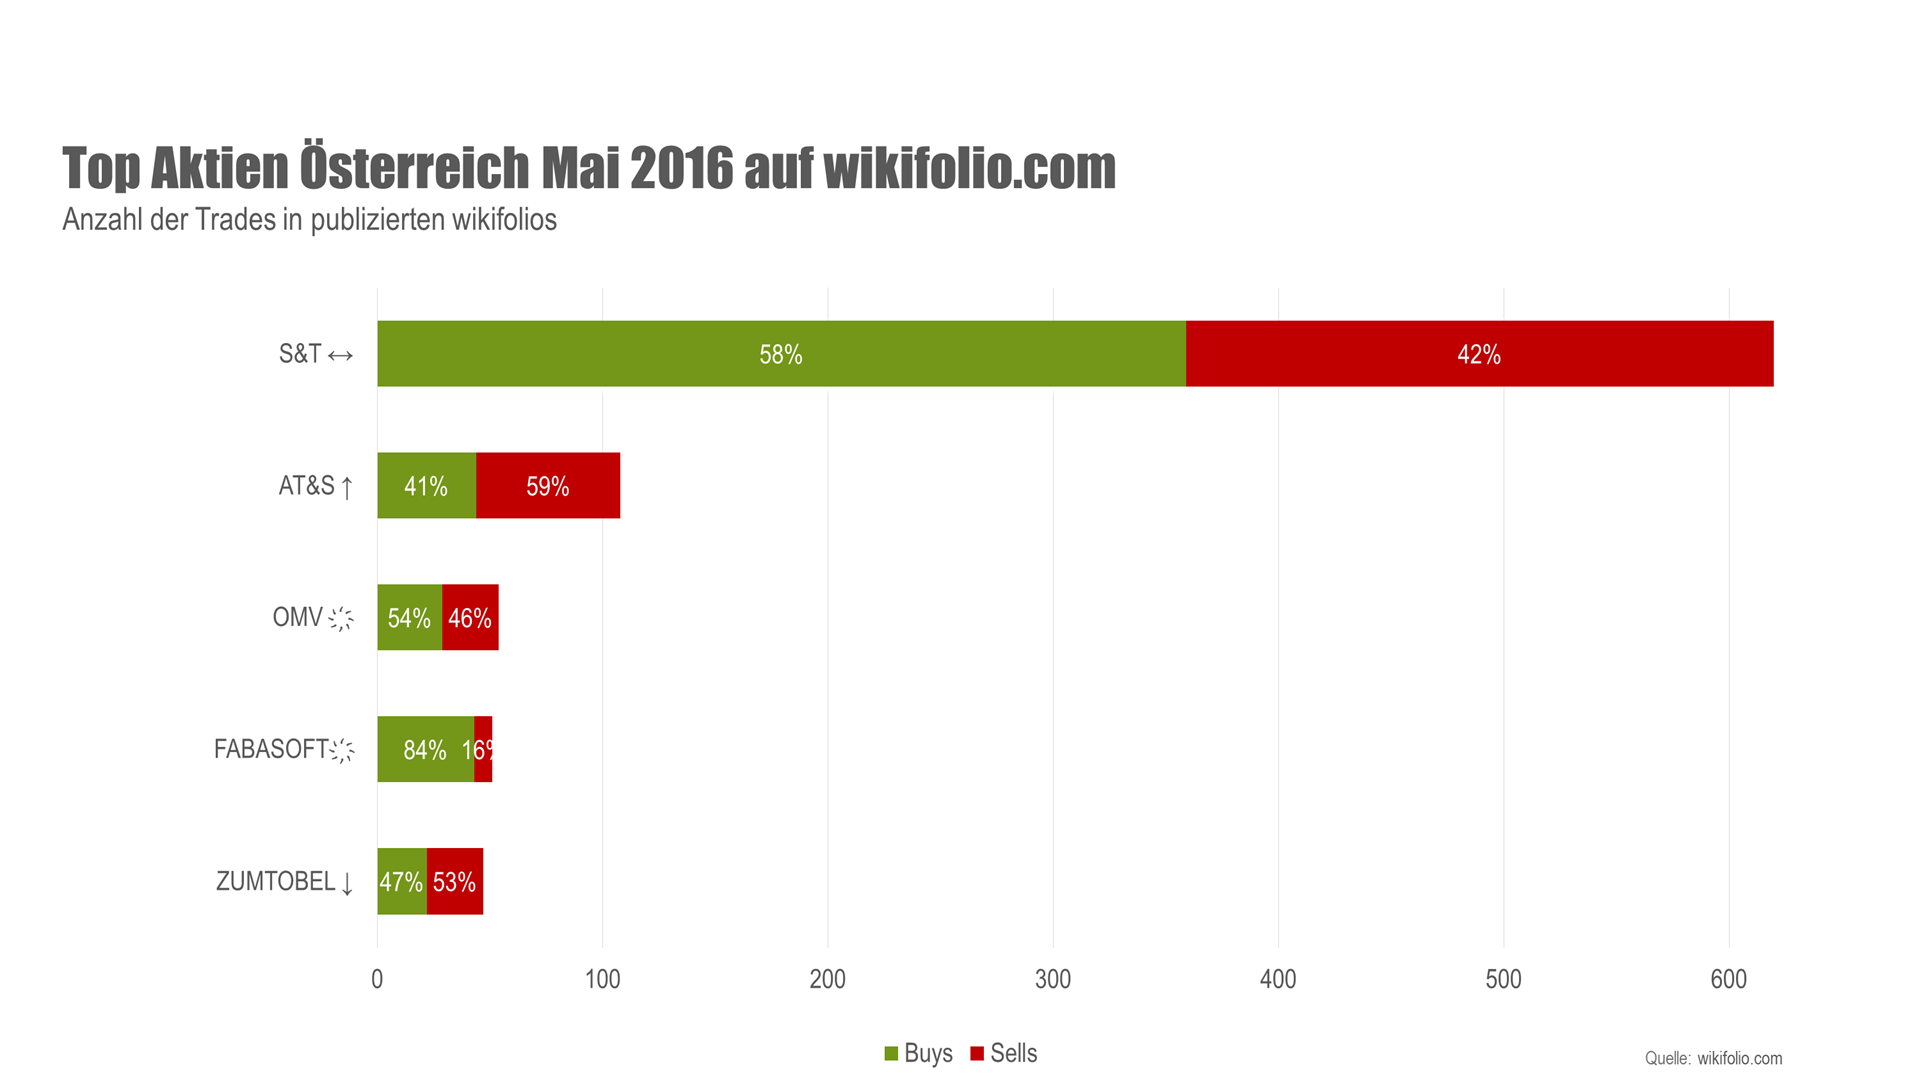 Grafik Österreichische Top-5-Aktien auf wikifolio.com